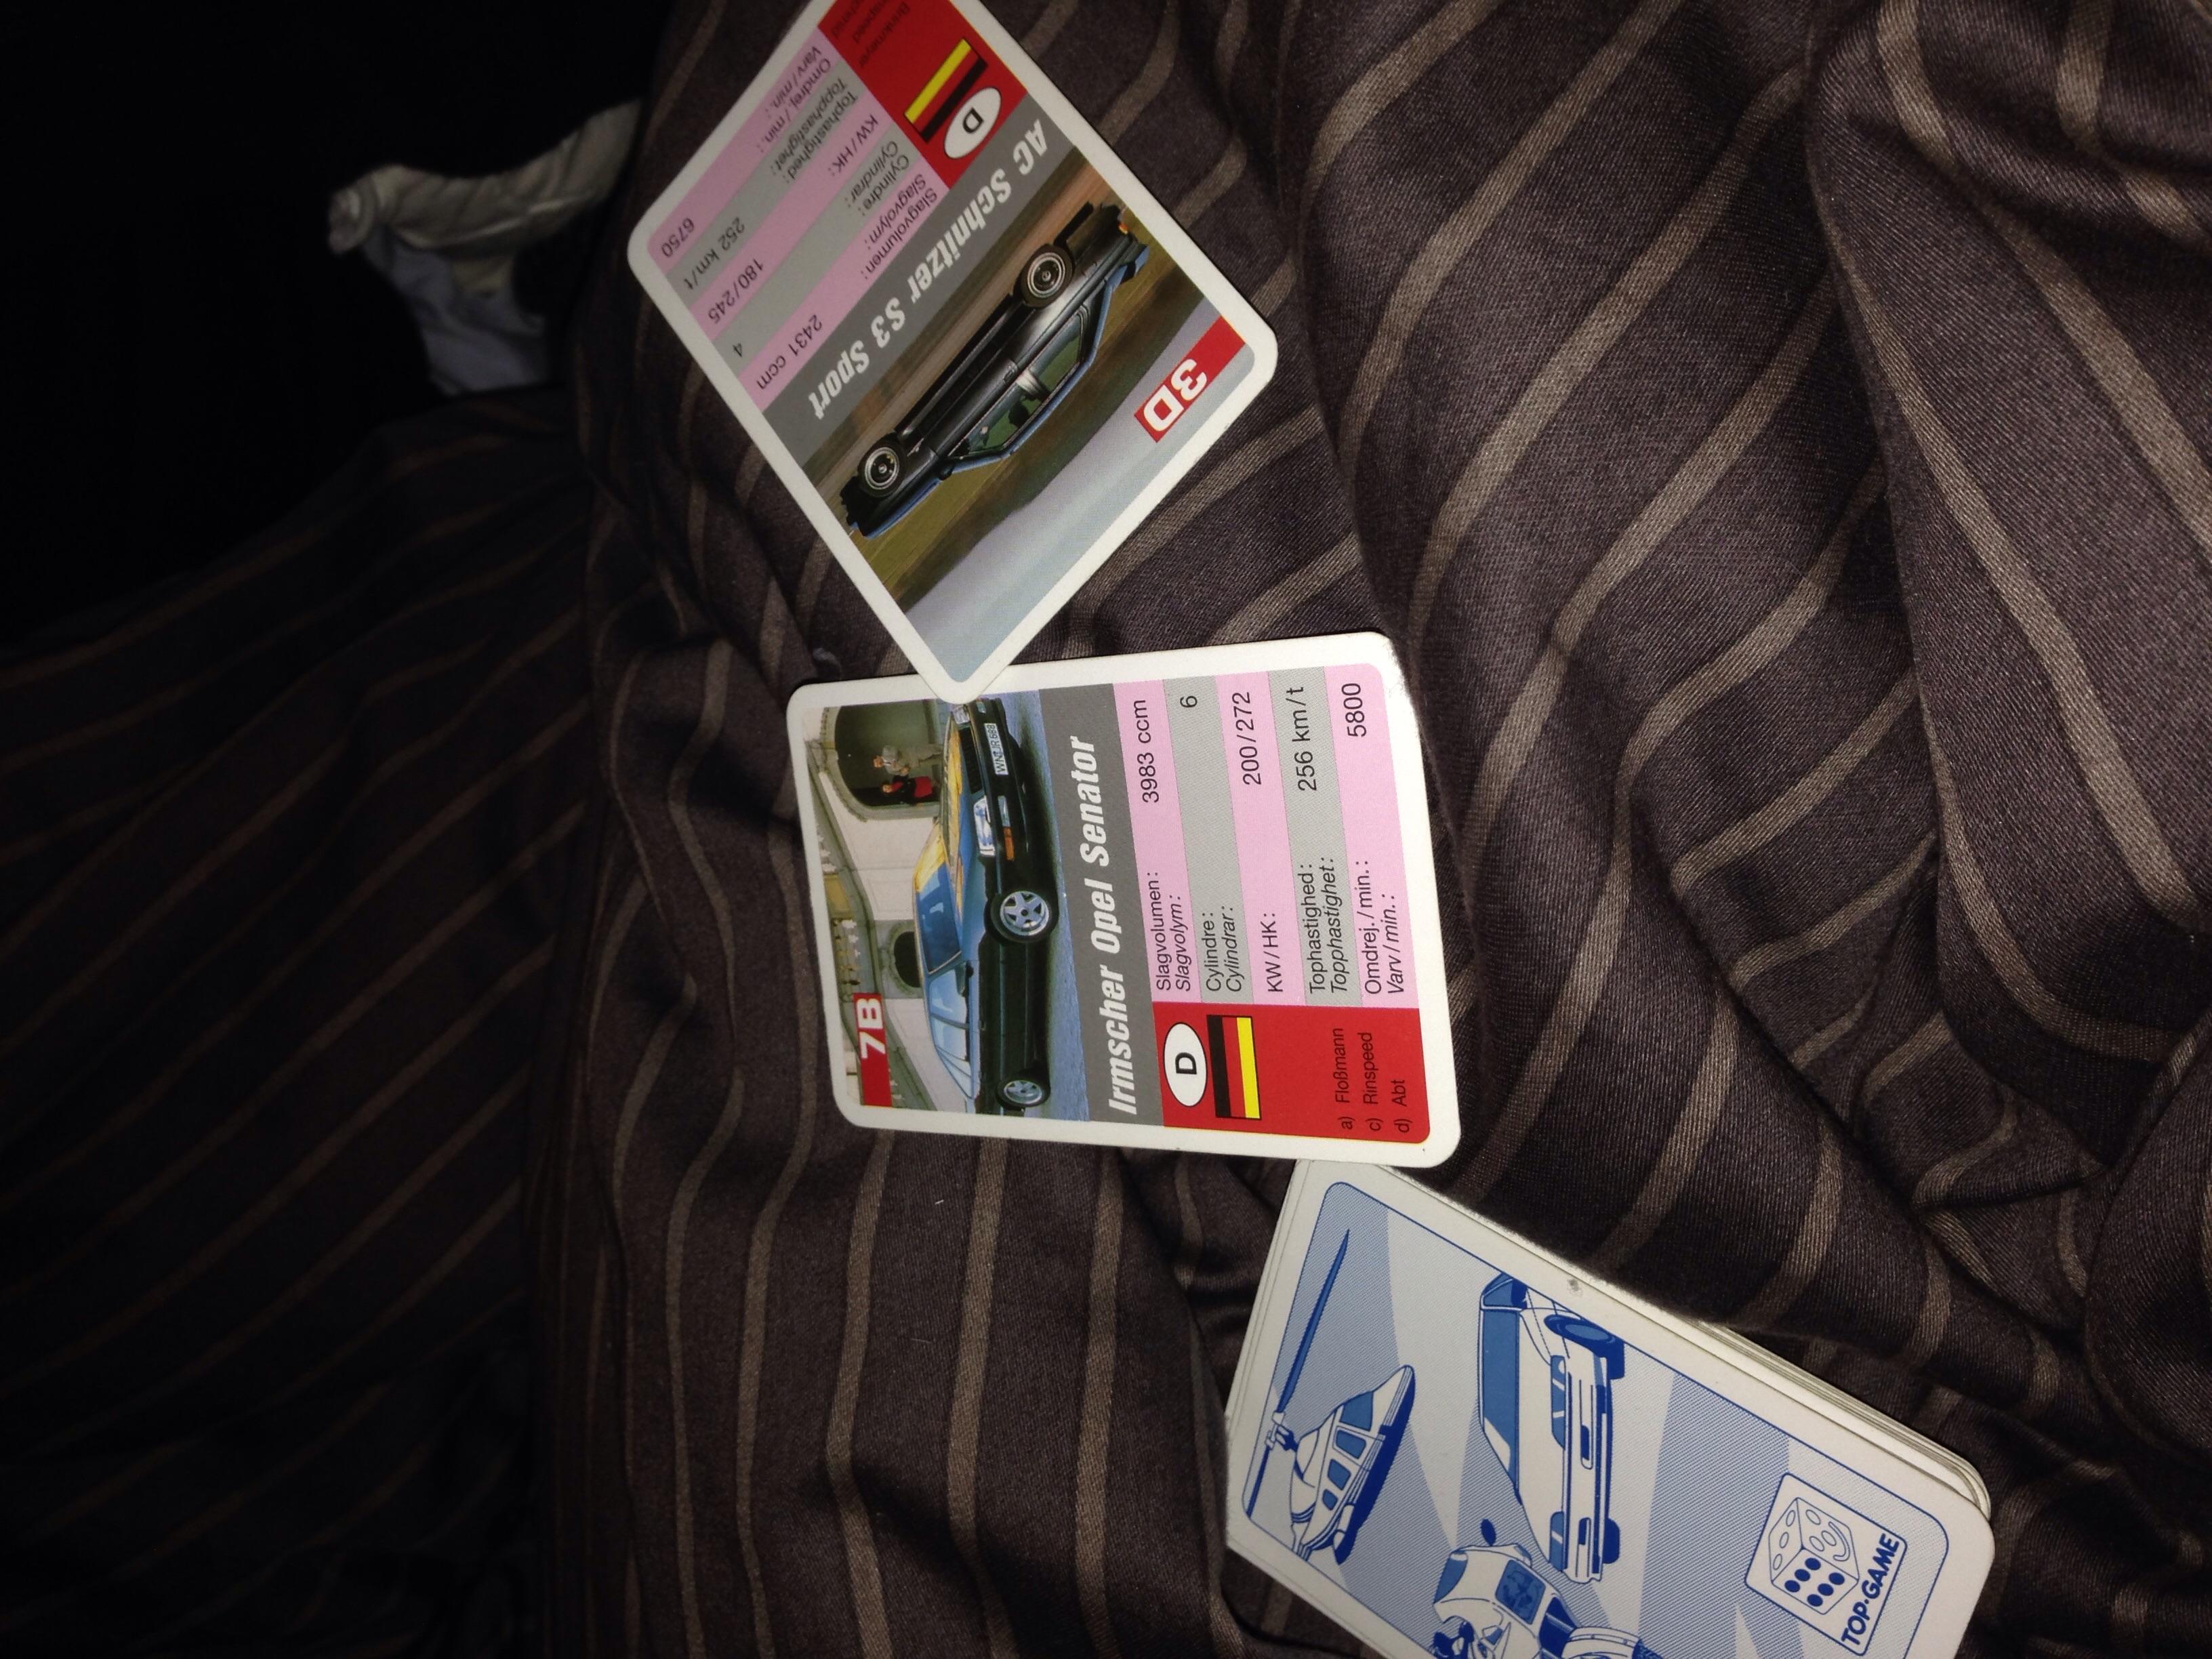 Lørdag aften gik med at vinde over Manden i bilkort - vel og mærke mine kort fra gymnasiet ;)